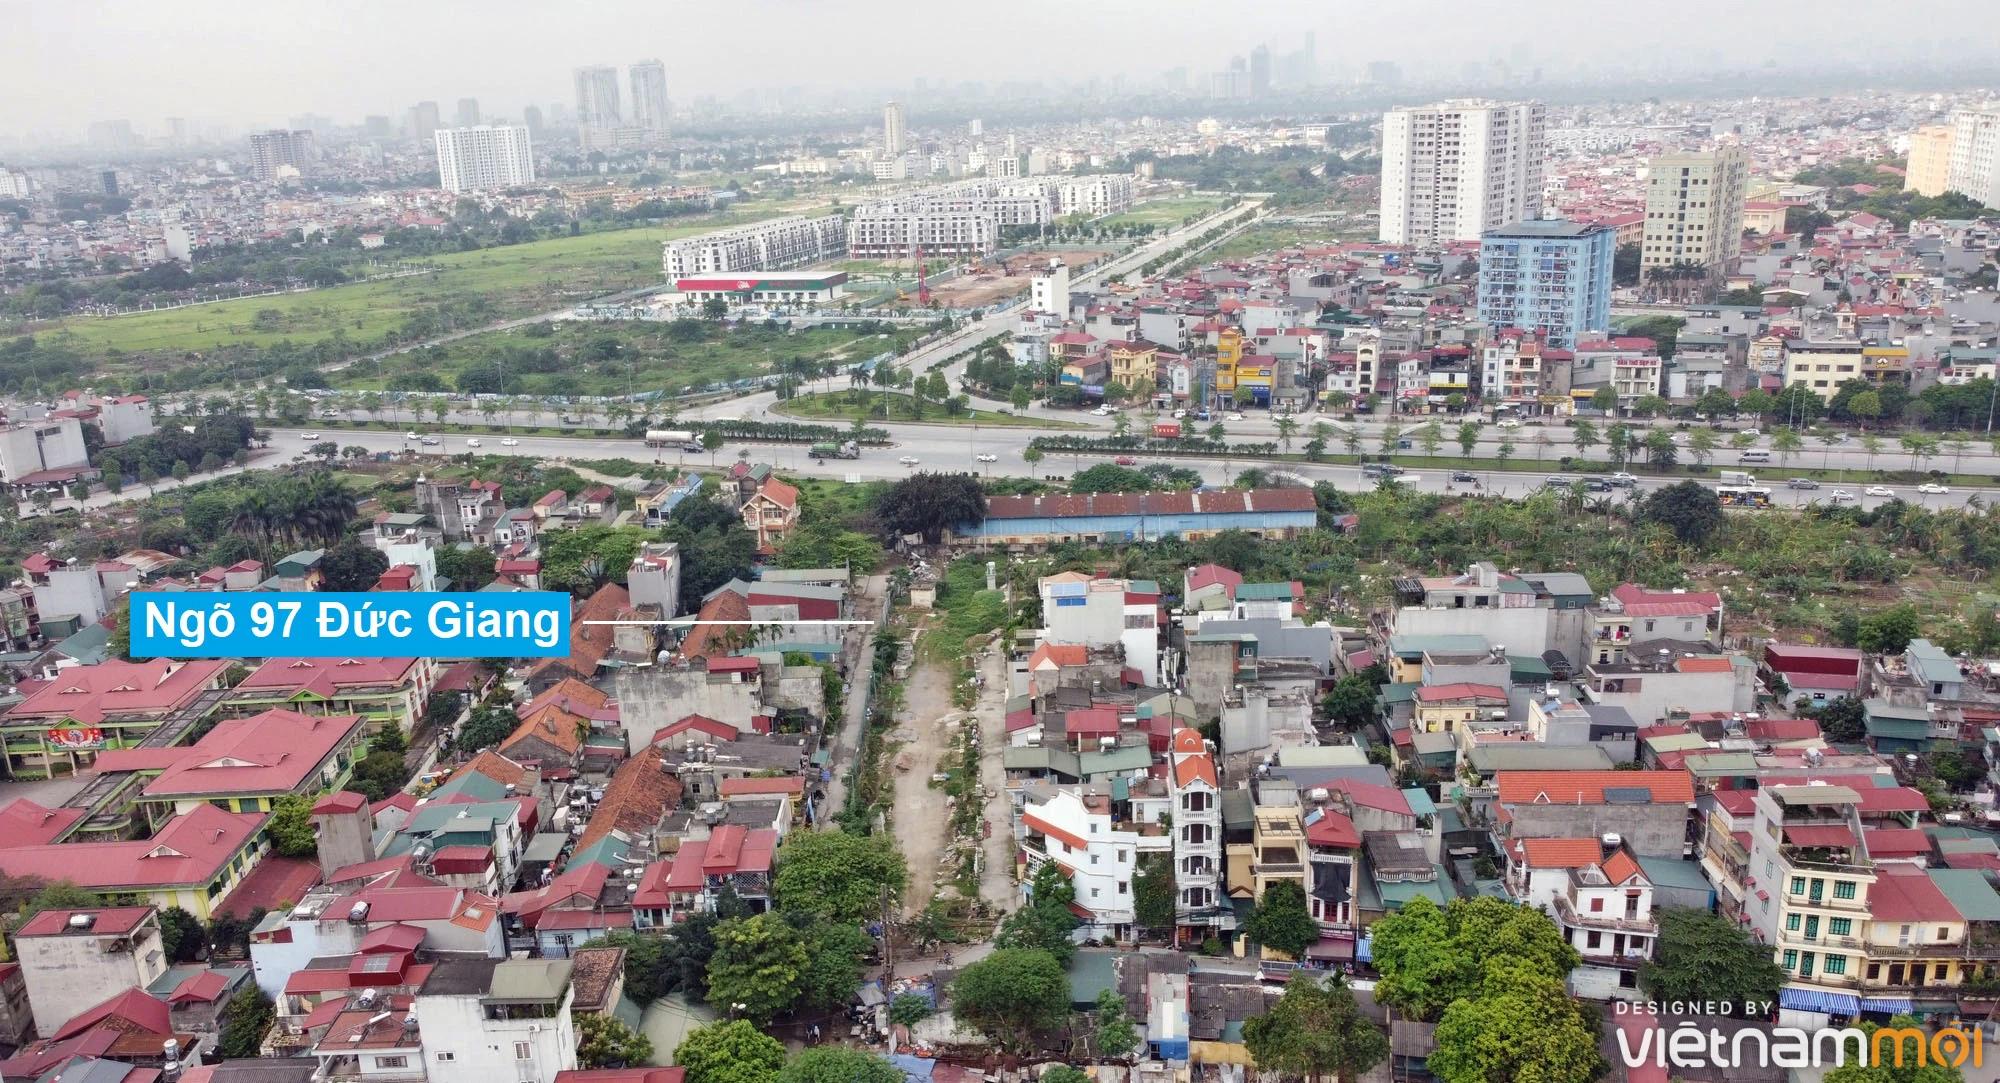 Toàn cảnh đường từ đê Ngọc Thụy đến KĐTM Thượng Thanh đang mở theo quy hoạch ở Hà Nội - Ảnh 9.